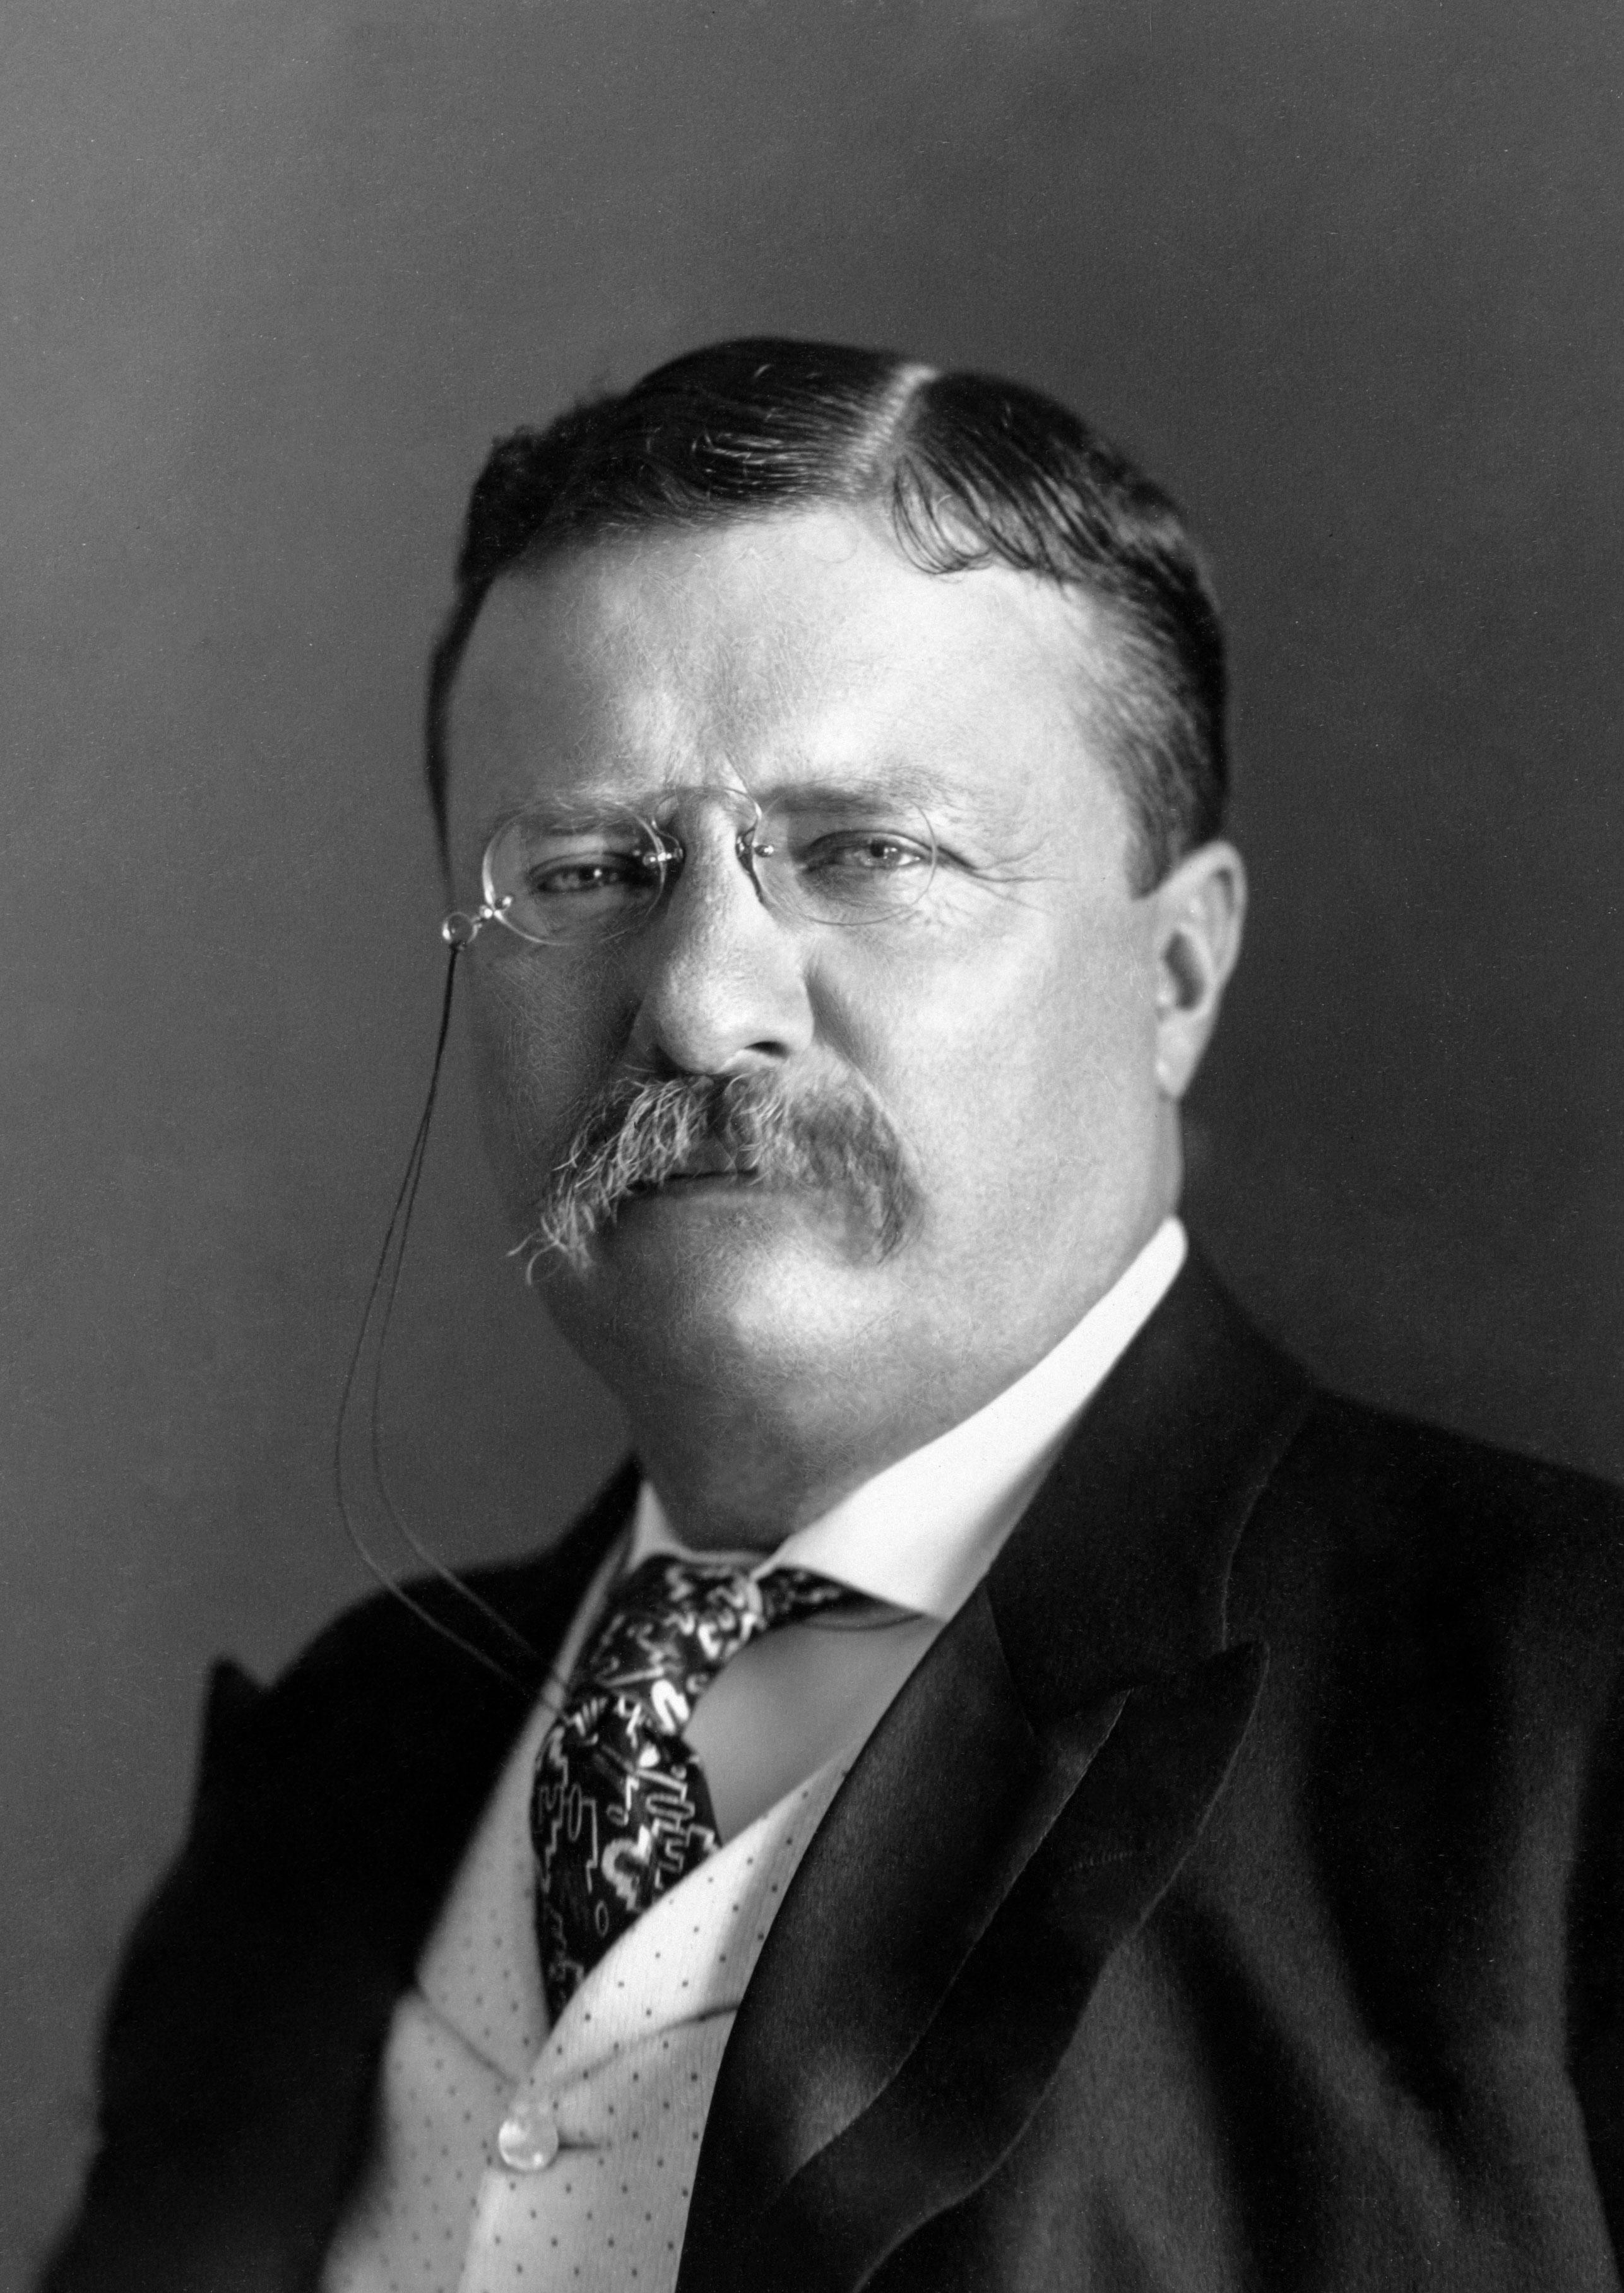 Roosevelt administration